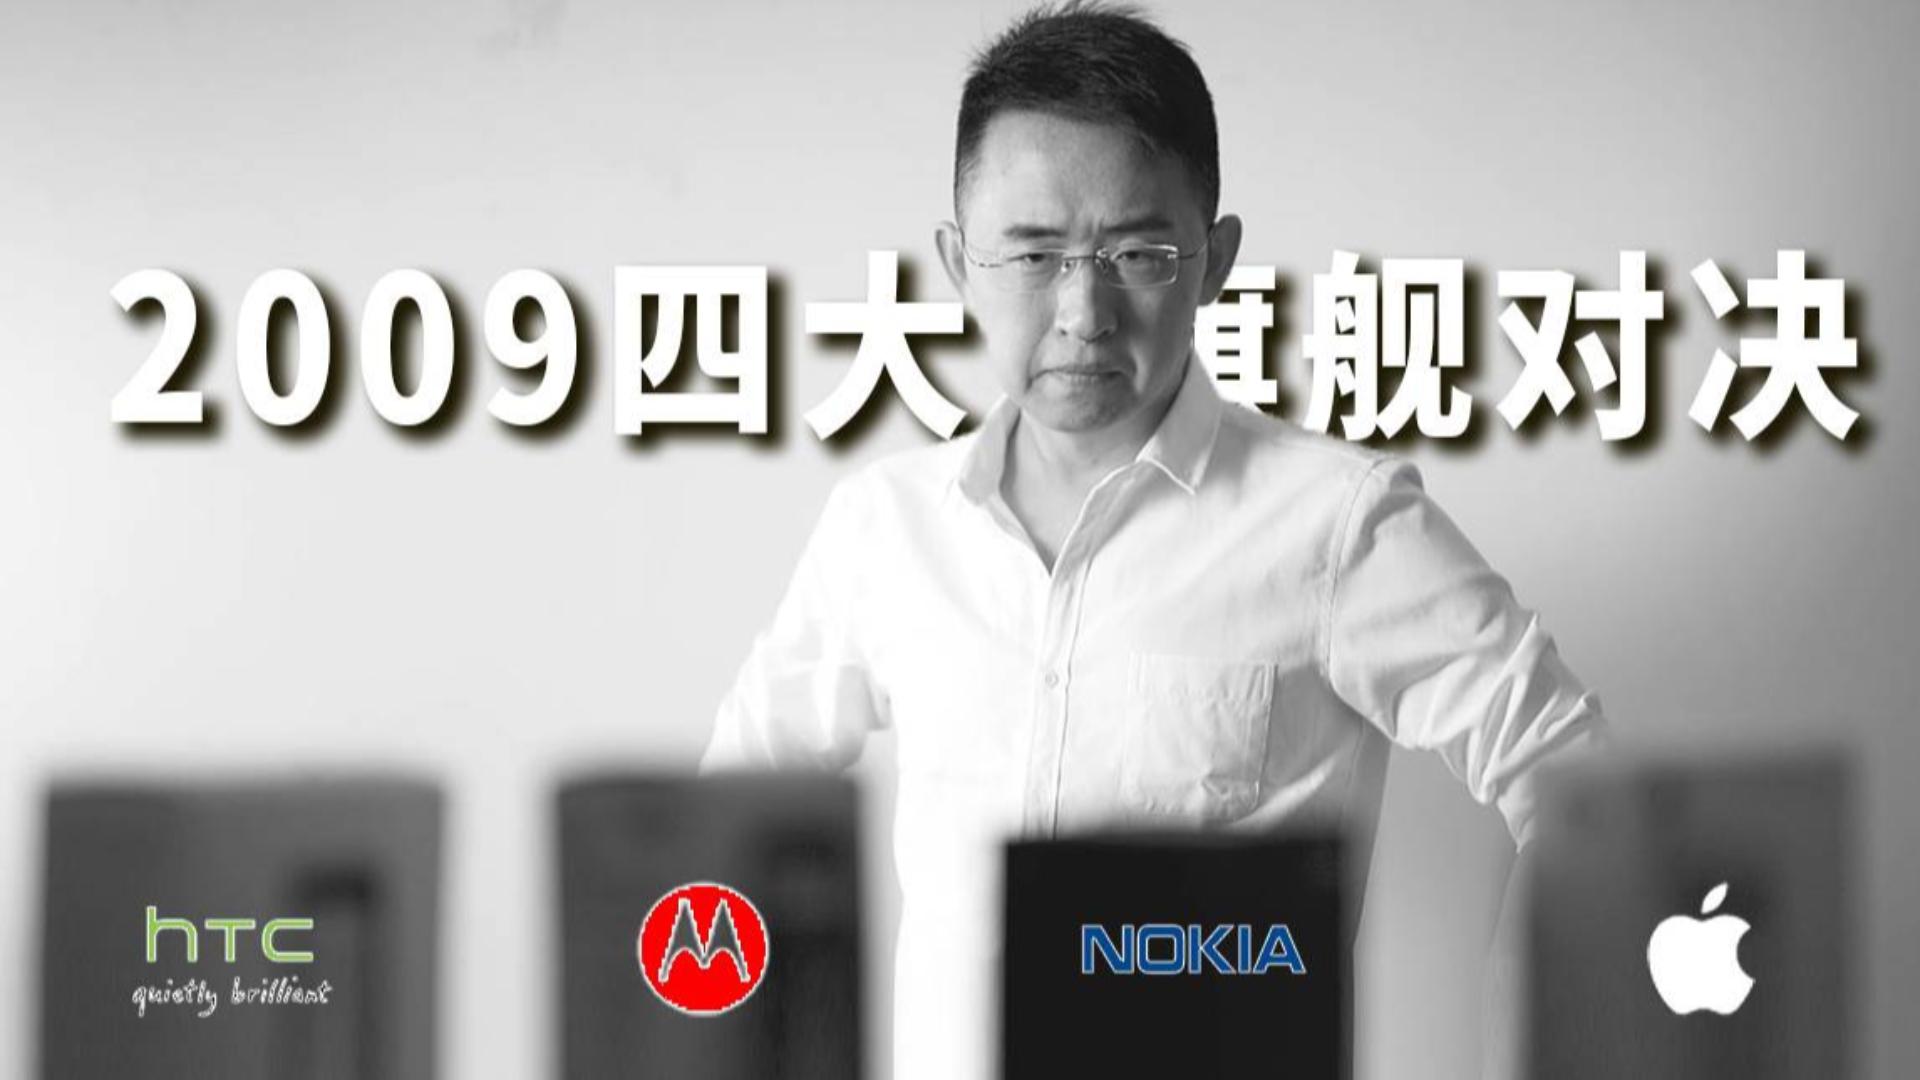 """「数码编年史」""""2009年度四大旗舰巅峰对决"""""""